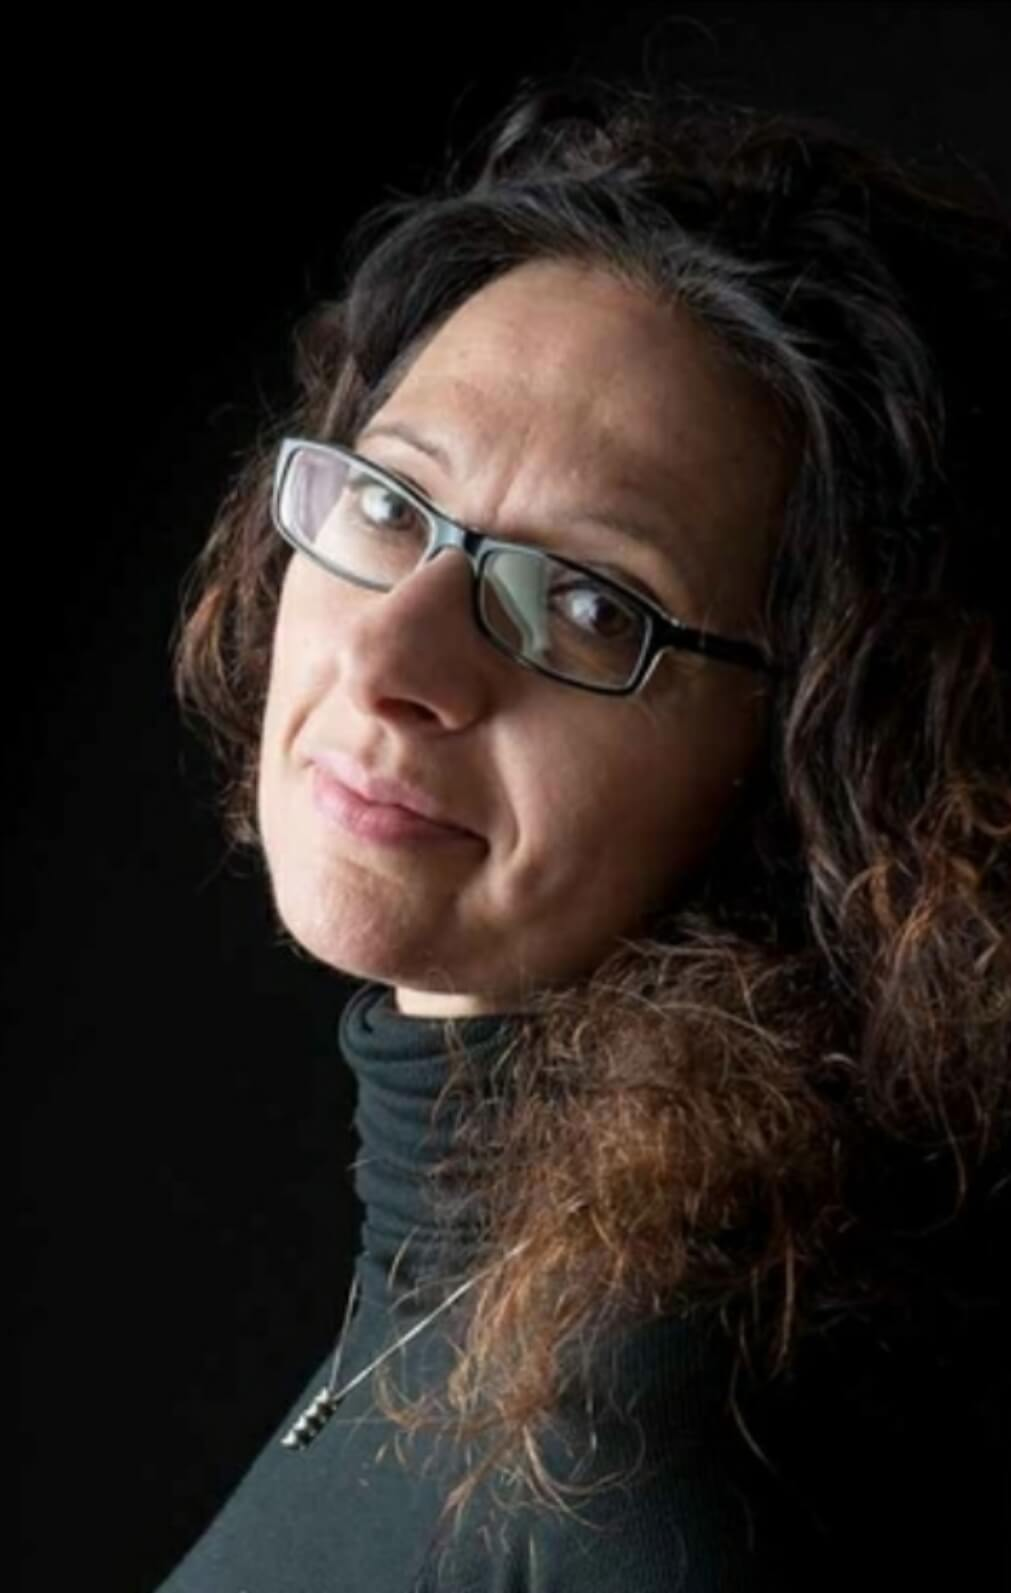 Maria Chiara è castana, con capelli lunghi e occhiali